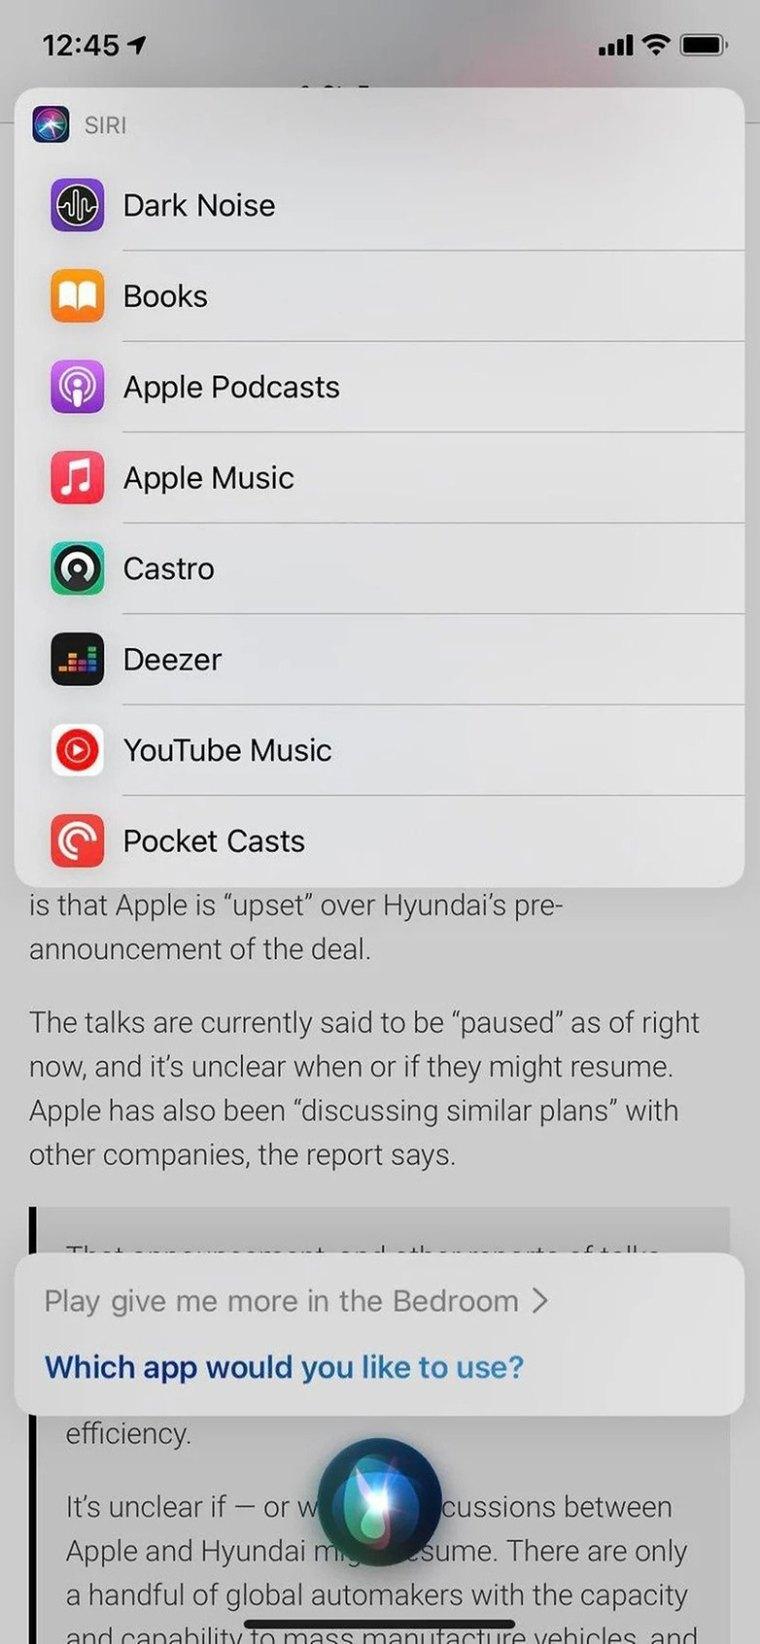 iOS 14.5 SIRI